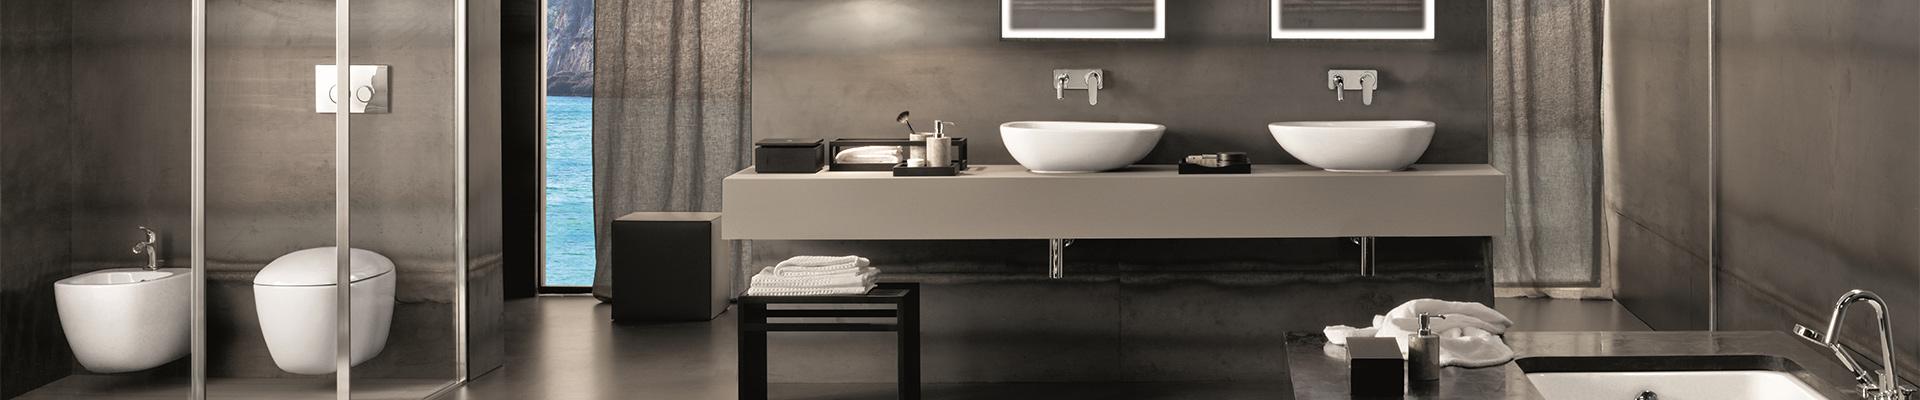 Arredamento bagno genova accessori accessori bagno genova for Arredo bagno lecce e provincia